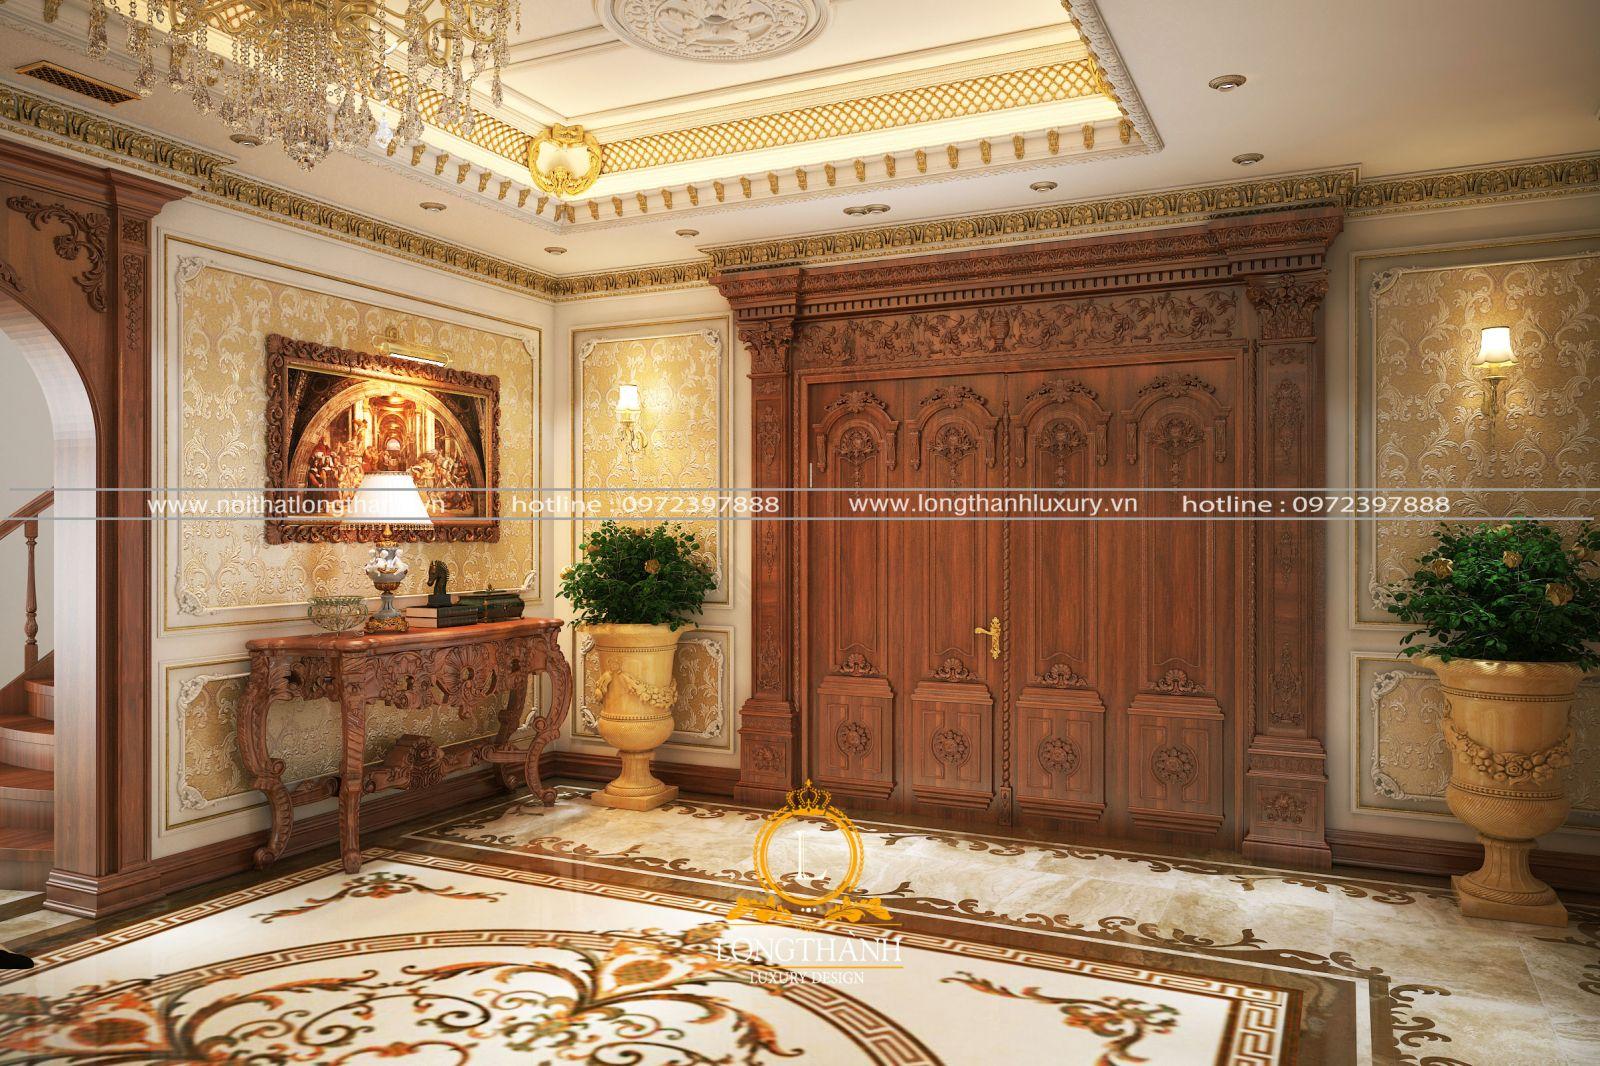 Cửa chính ra vào được làm từ gỗ Gõ đỏ tự nhiên